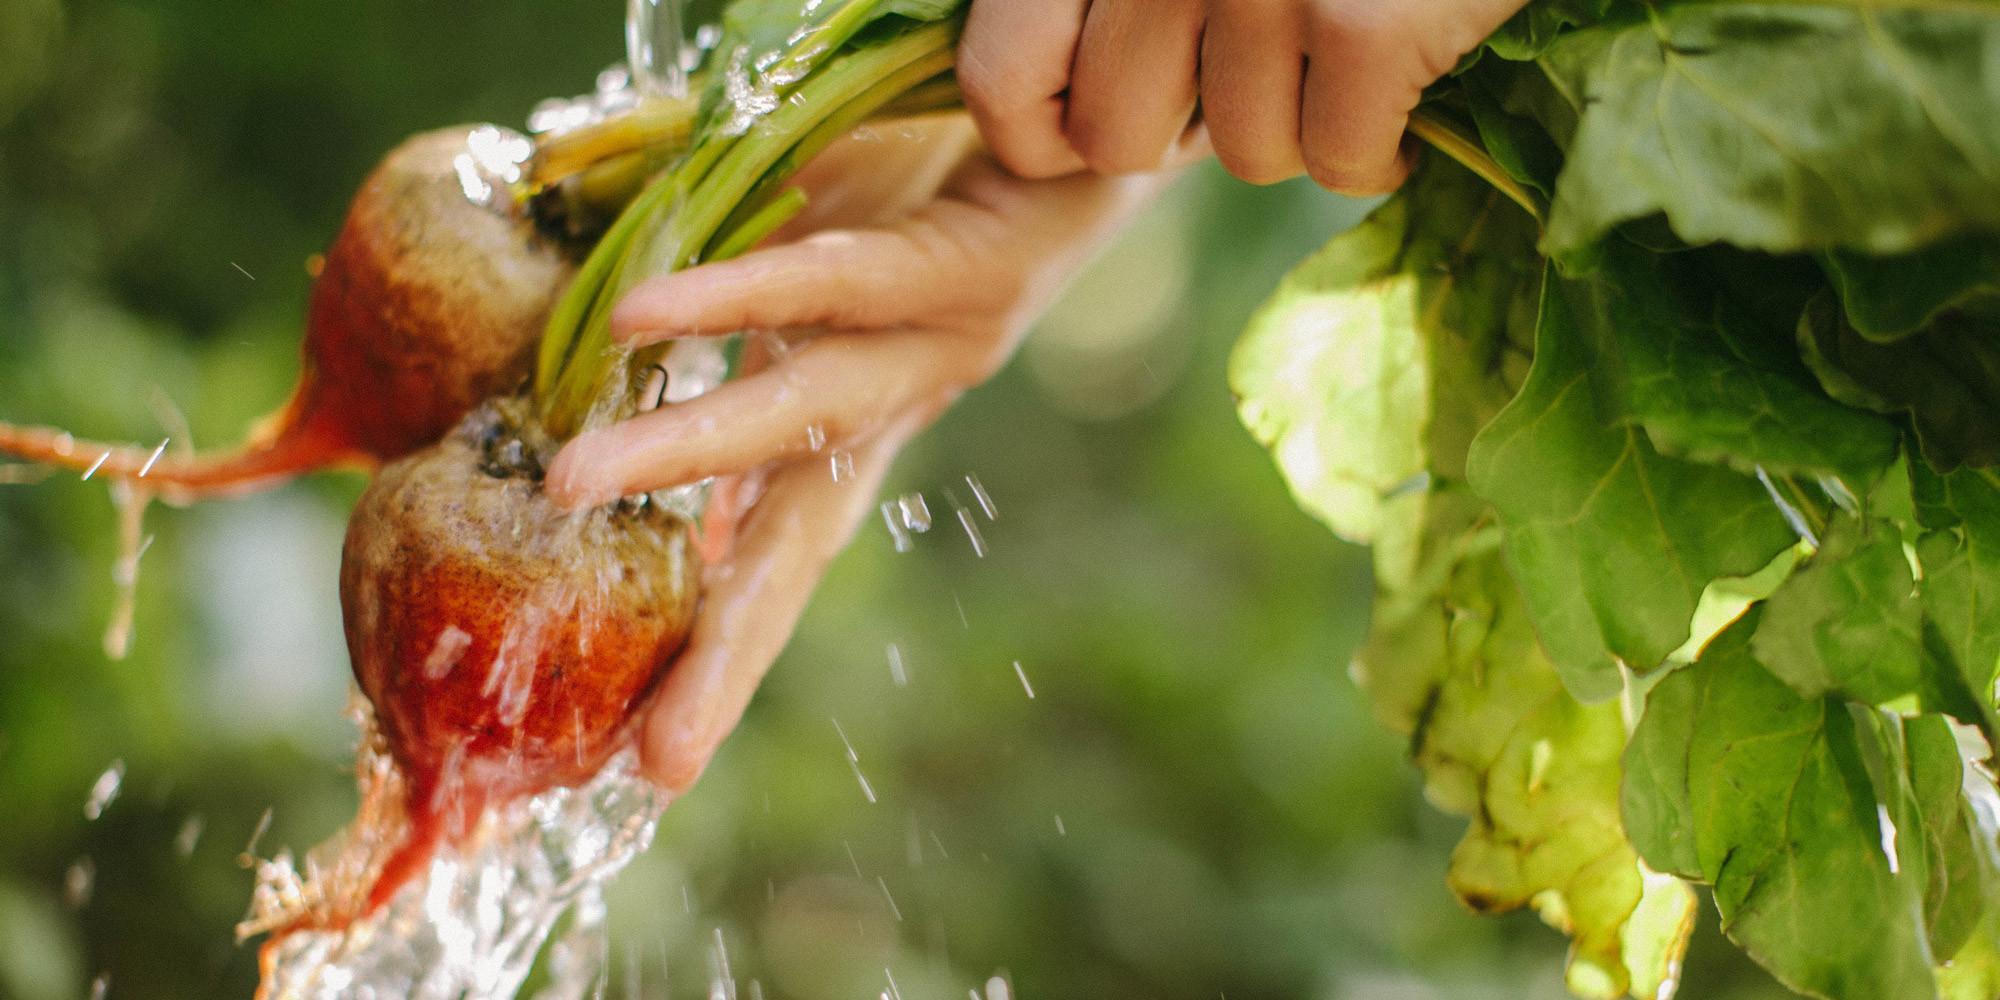 Washing beets